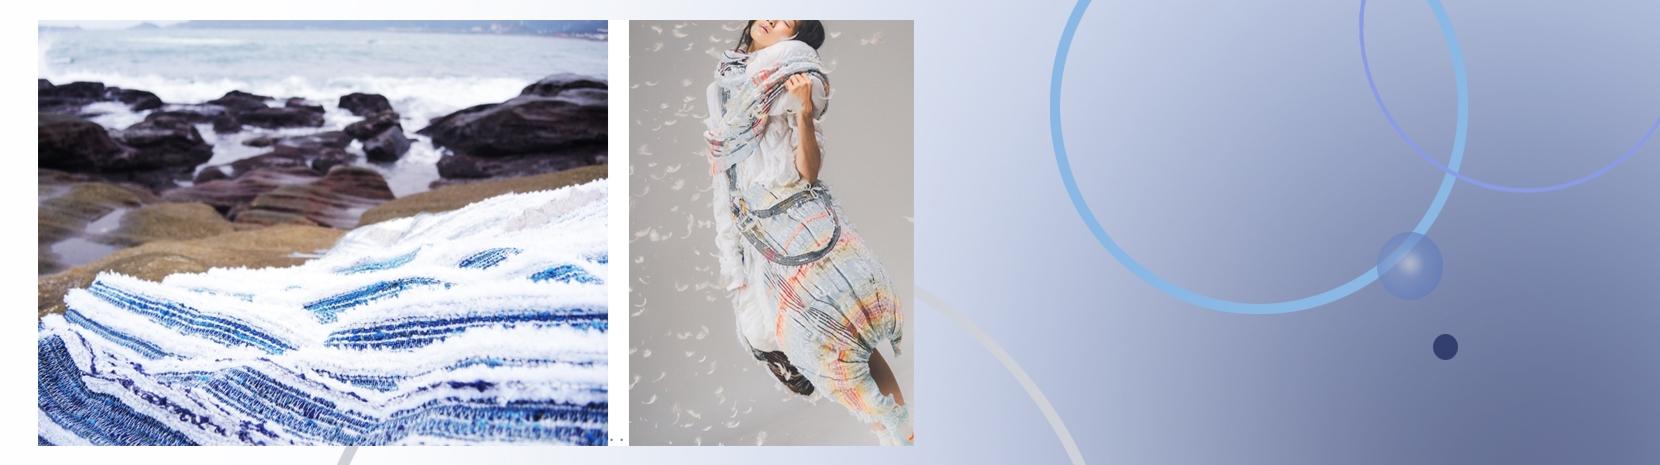 全亞洲唯一同時具備紡織成衣中游到下游的—輔仁大學織品服裝學系